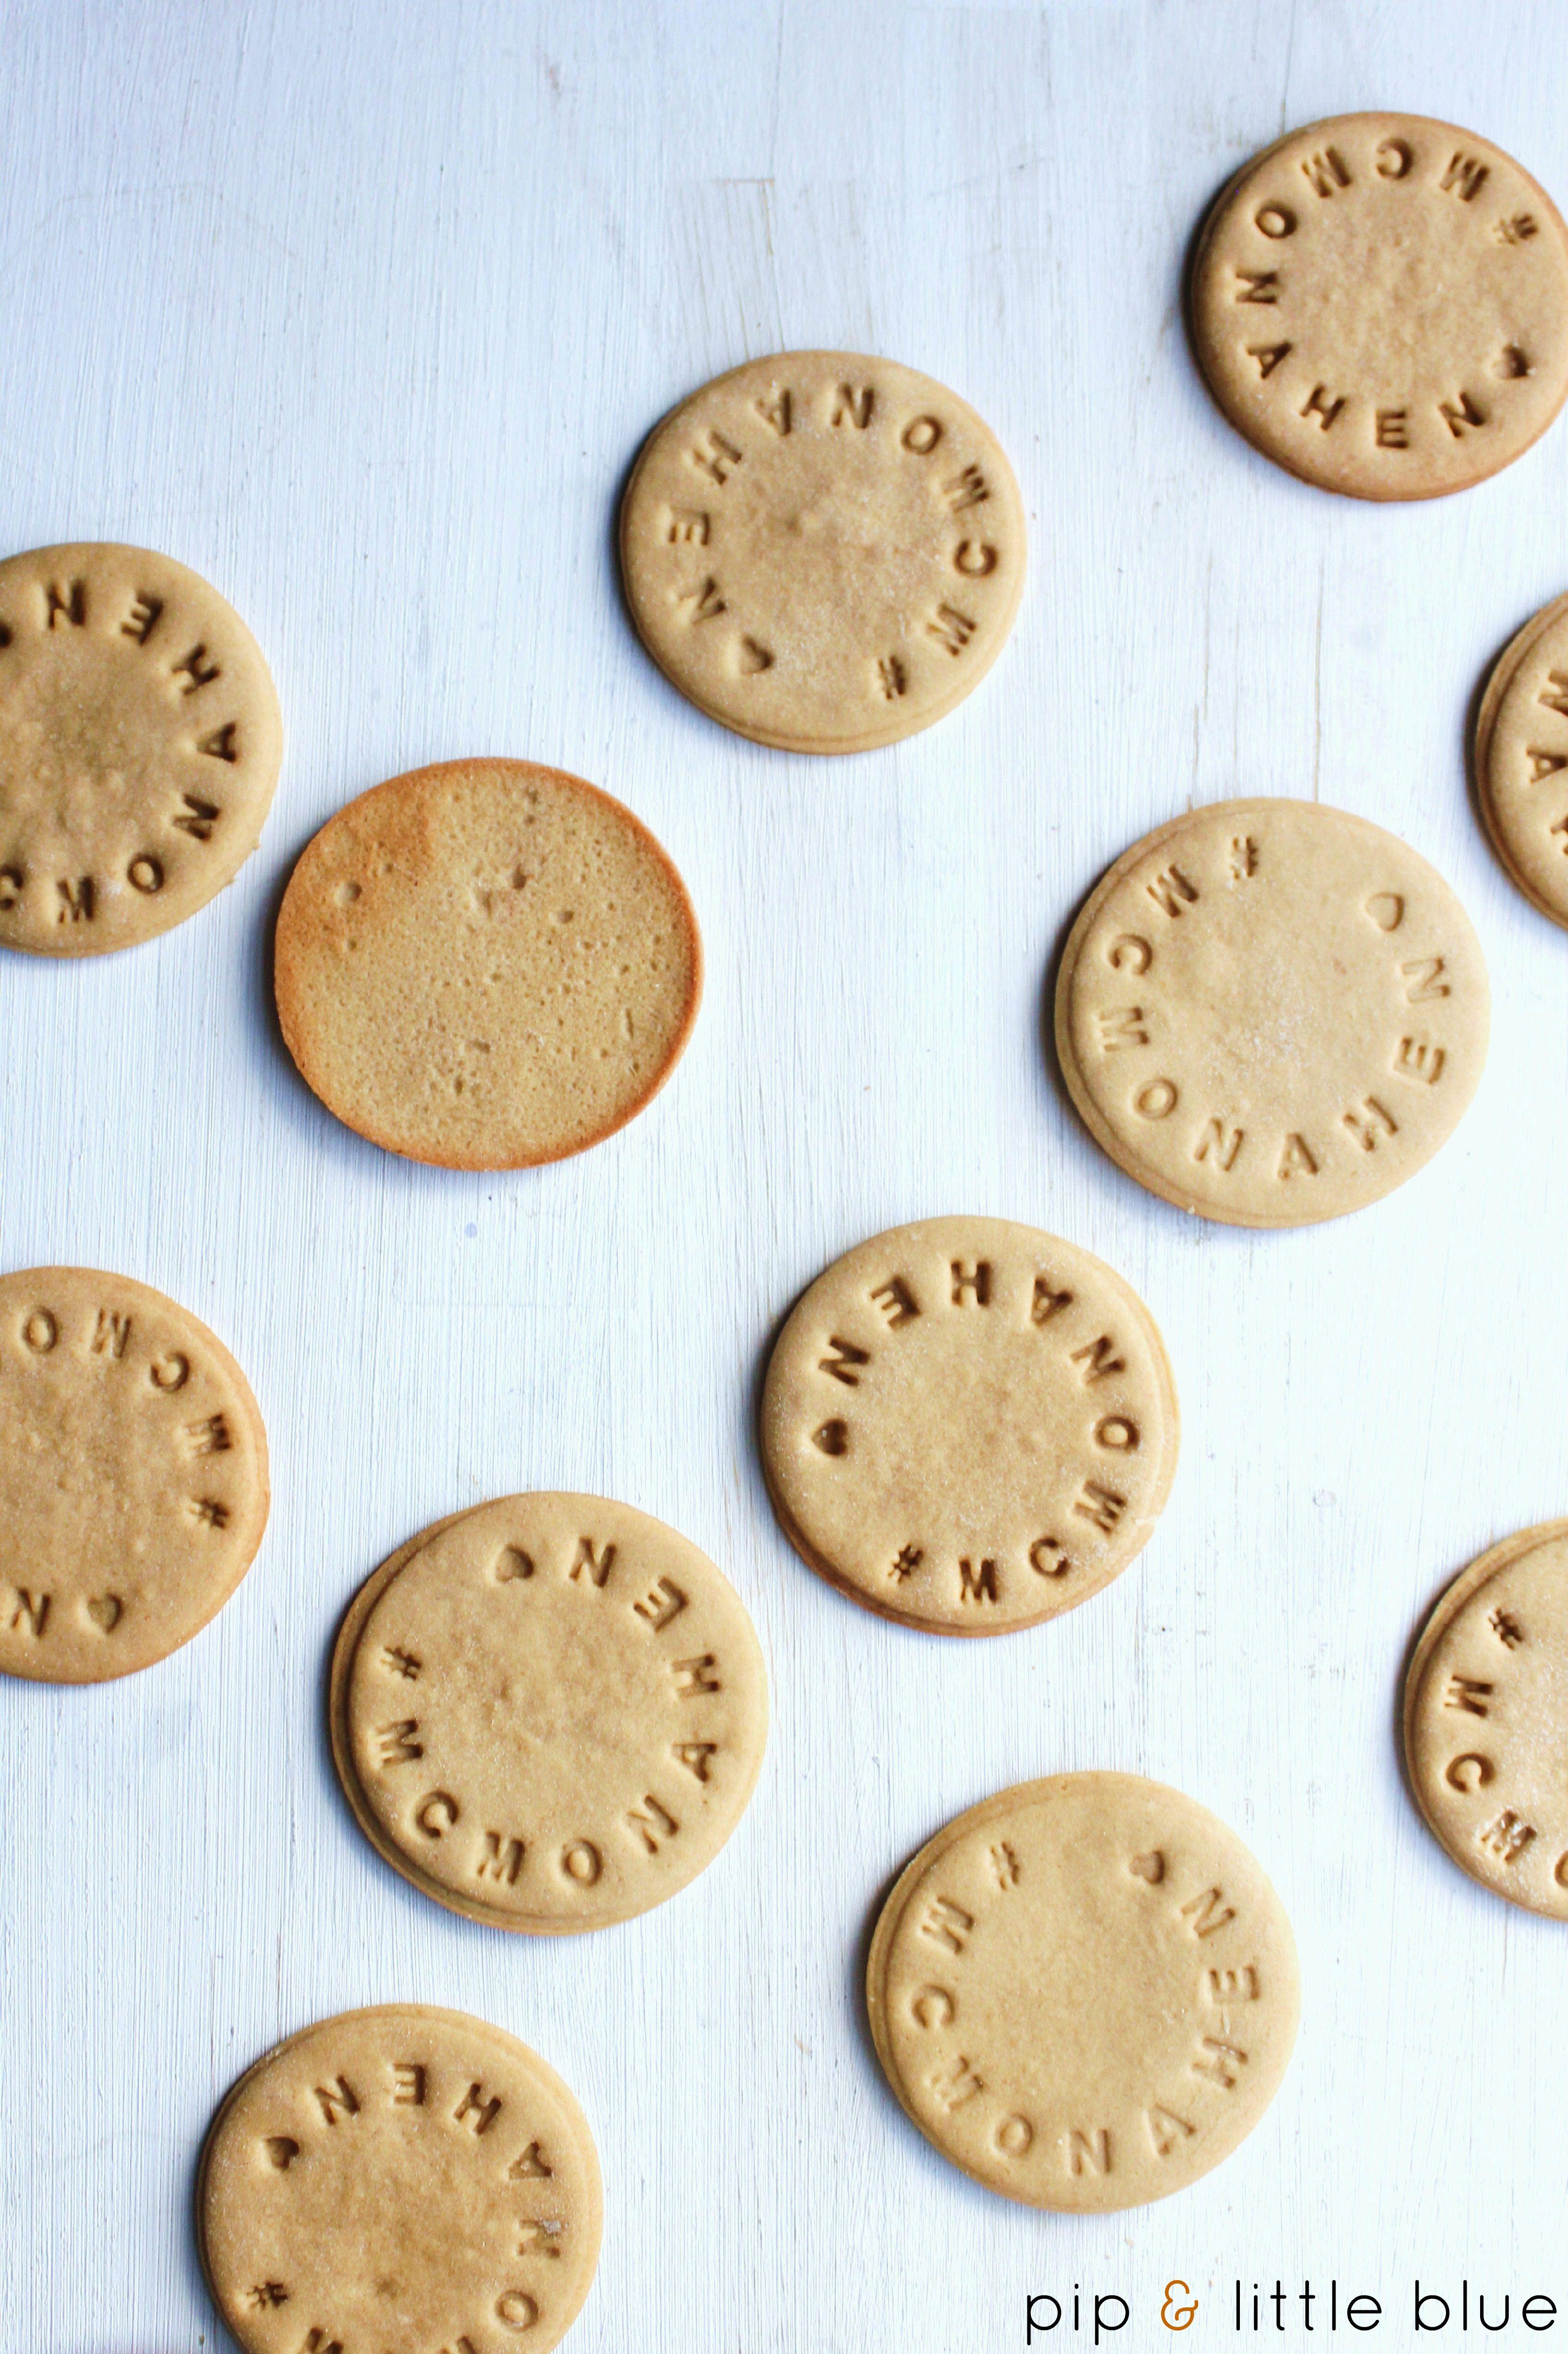 nospreadcookies2